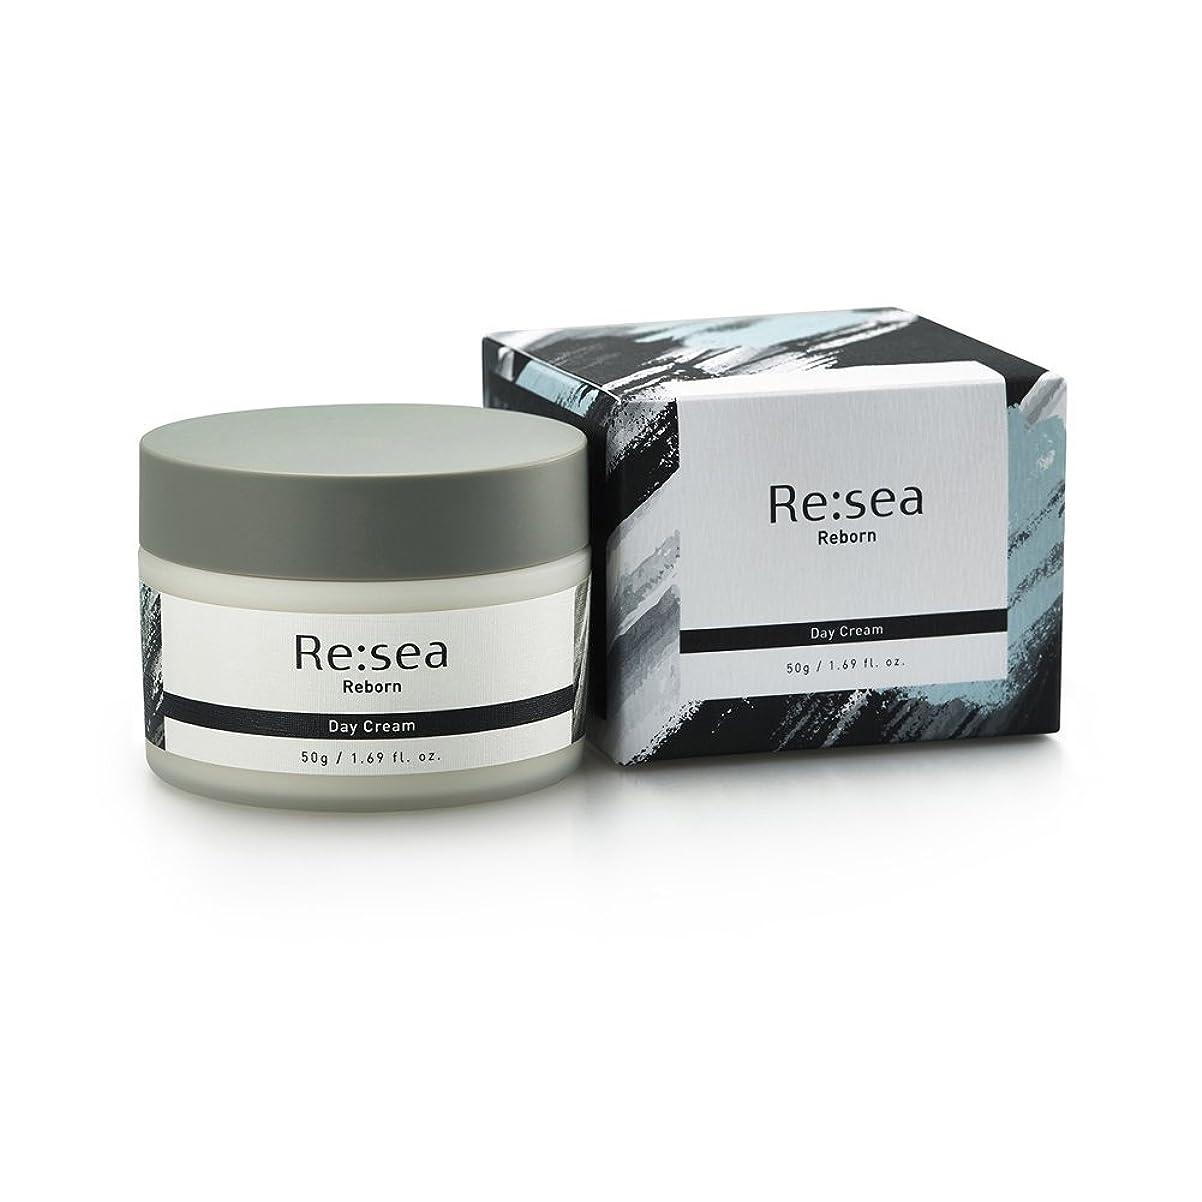 セミナー面白い織る[Re:sea] リシー リボーン デイクリーム